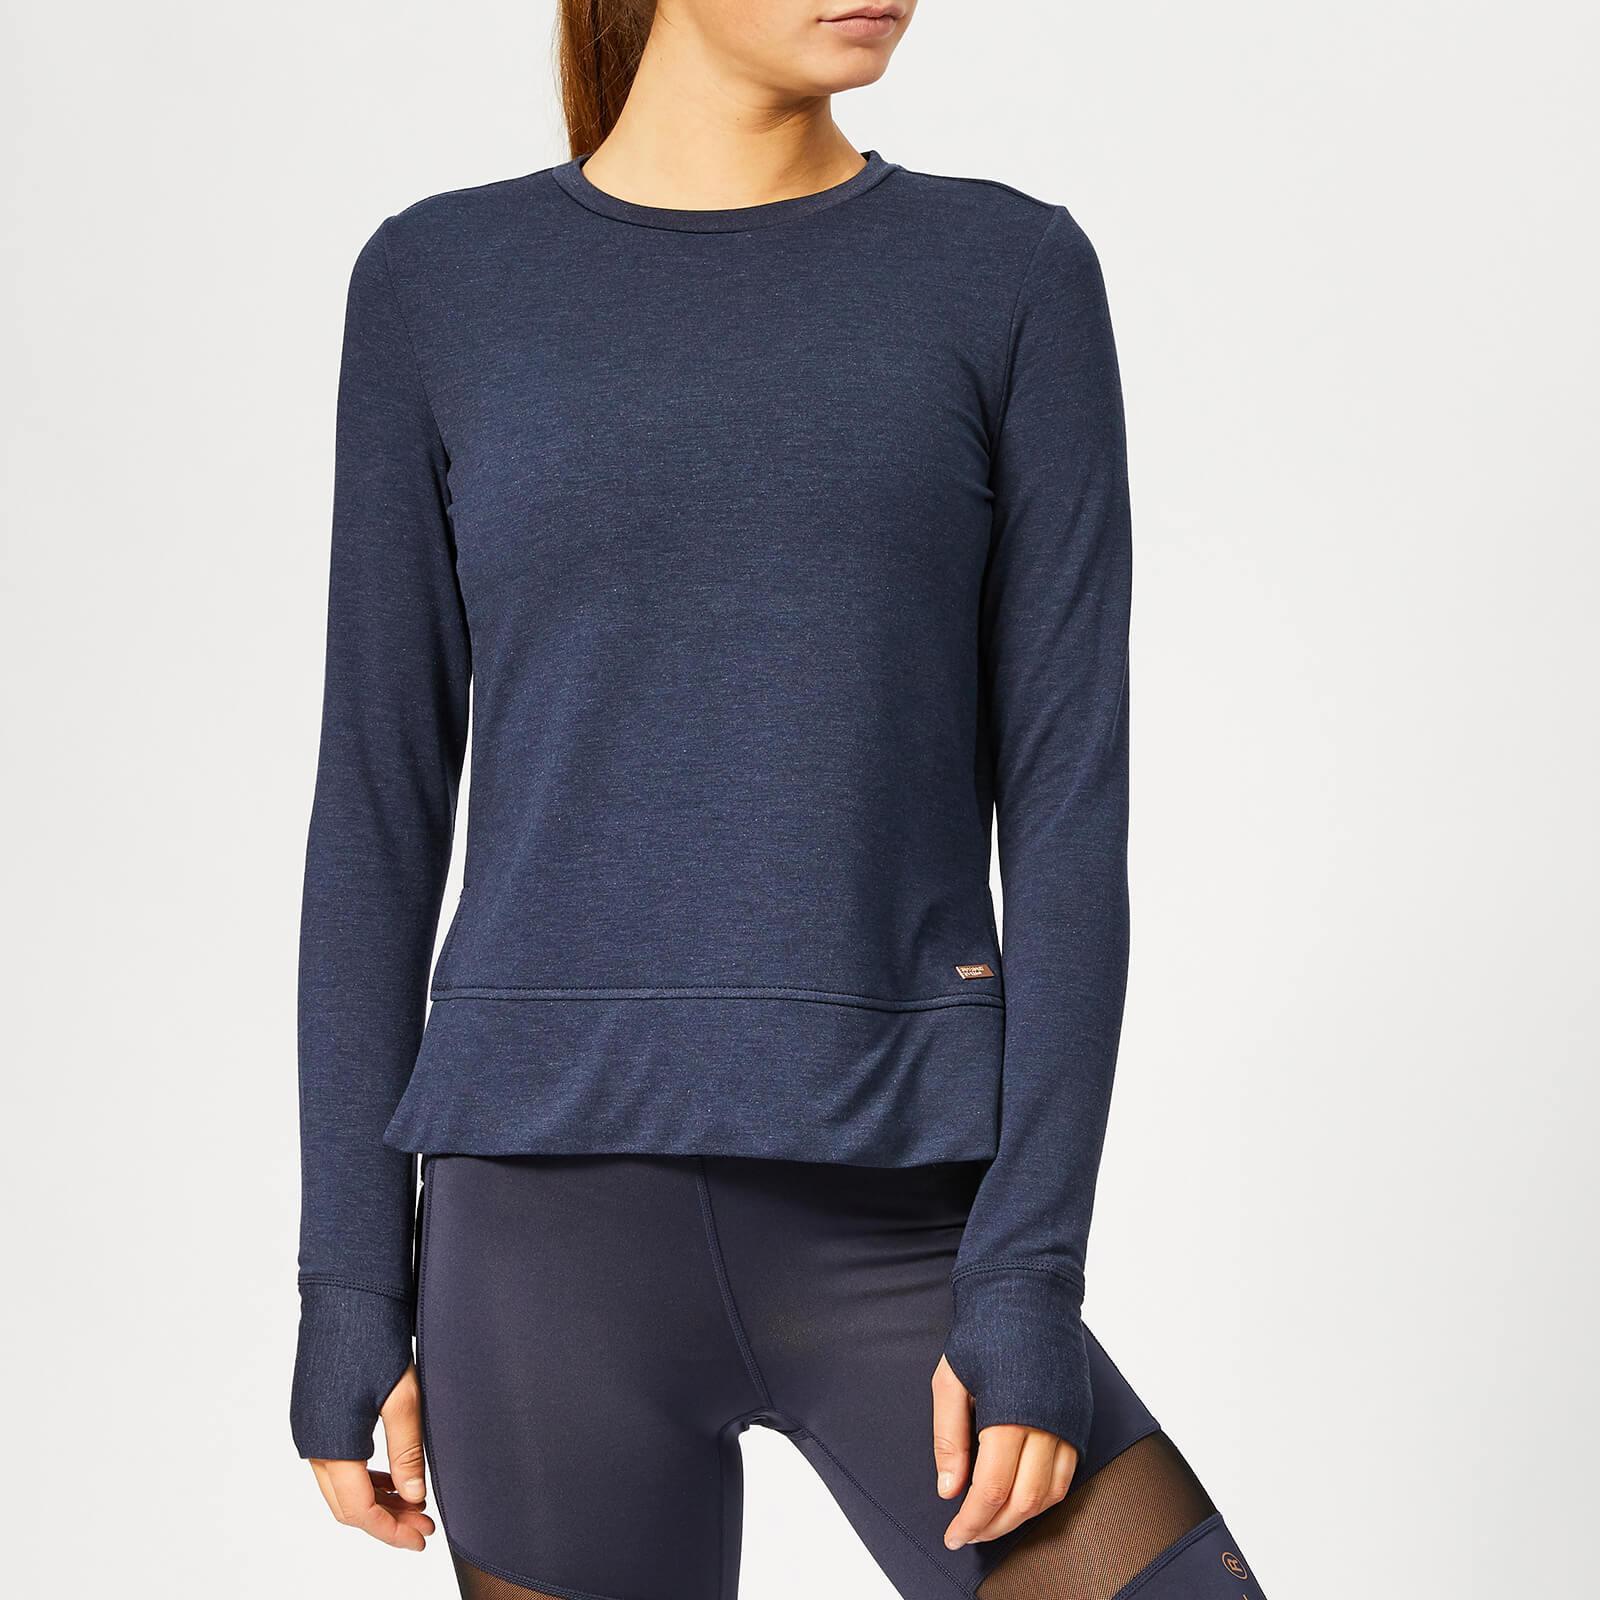 Superdry Sport Women's Active Mesh Studio Luxe Crew Neck Sweatshirt - Eclispe Navy Marl - XS - Blue